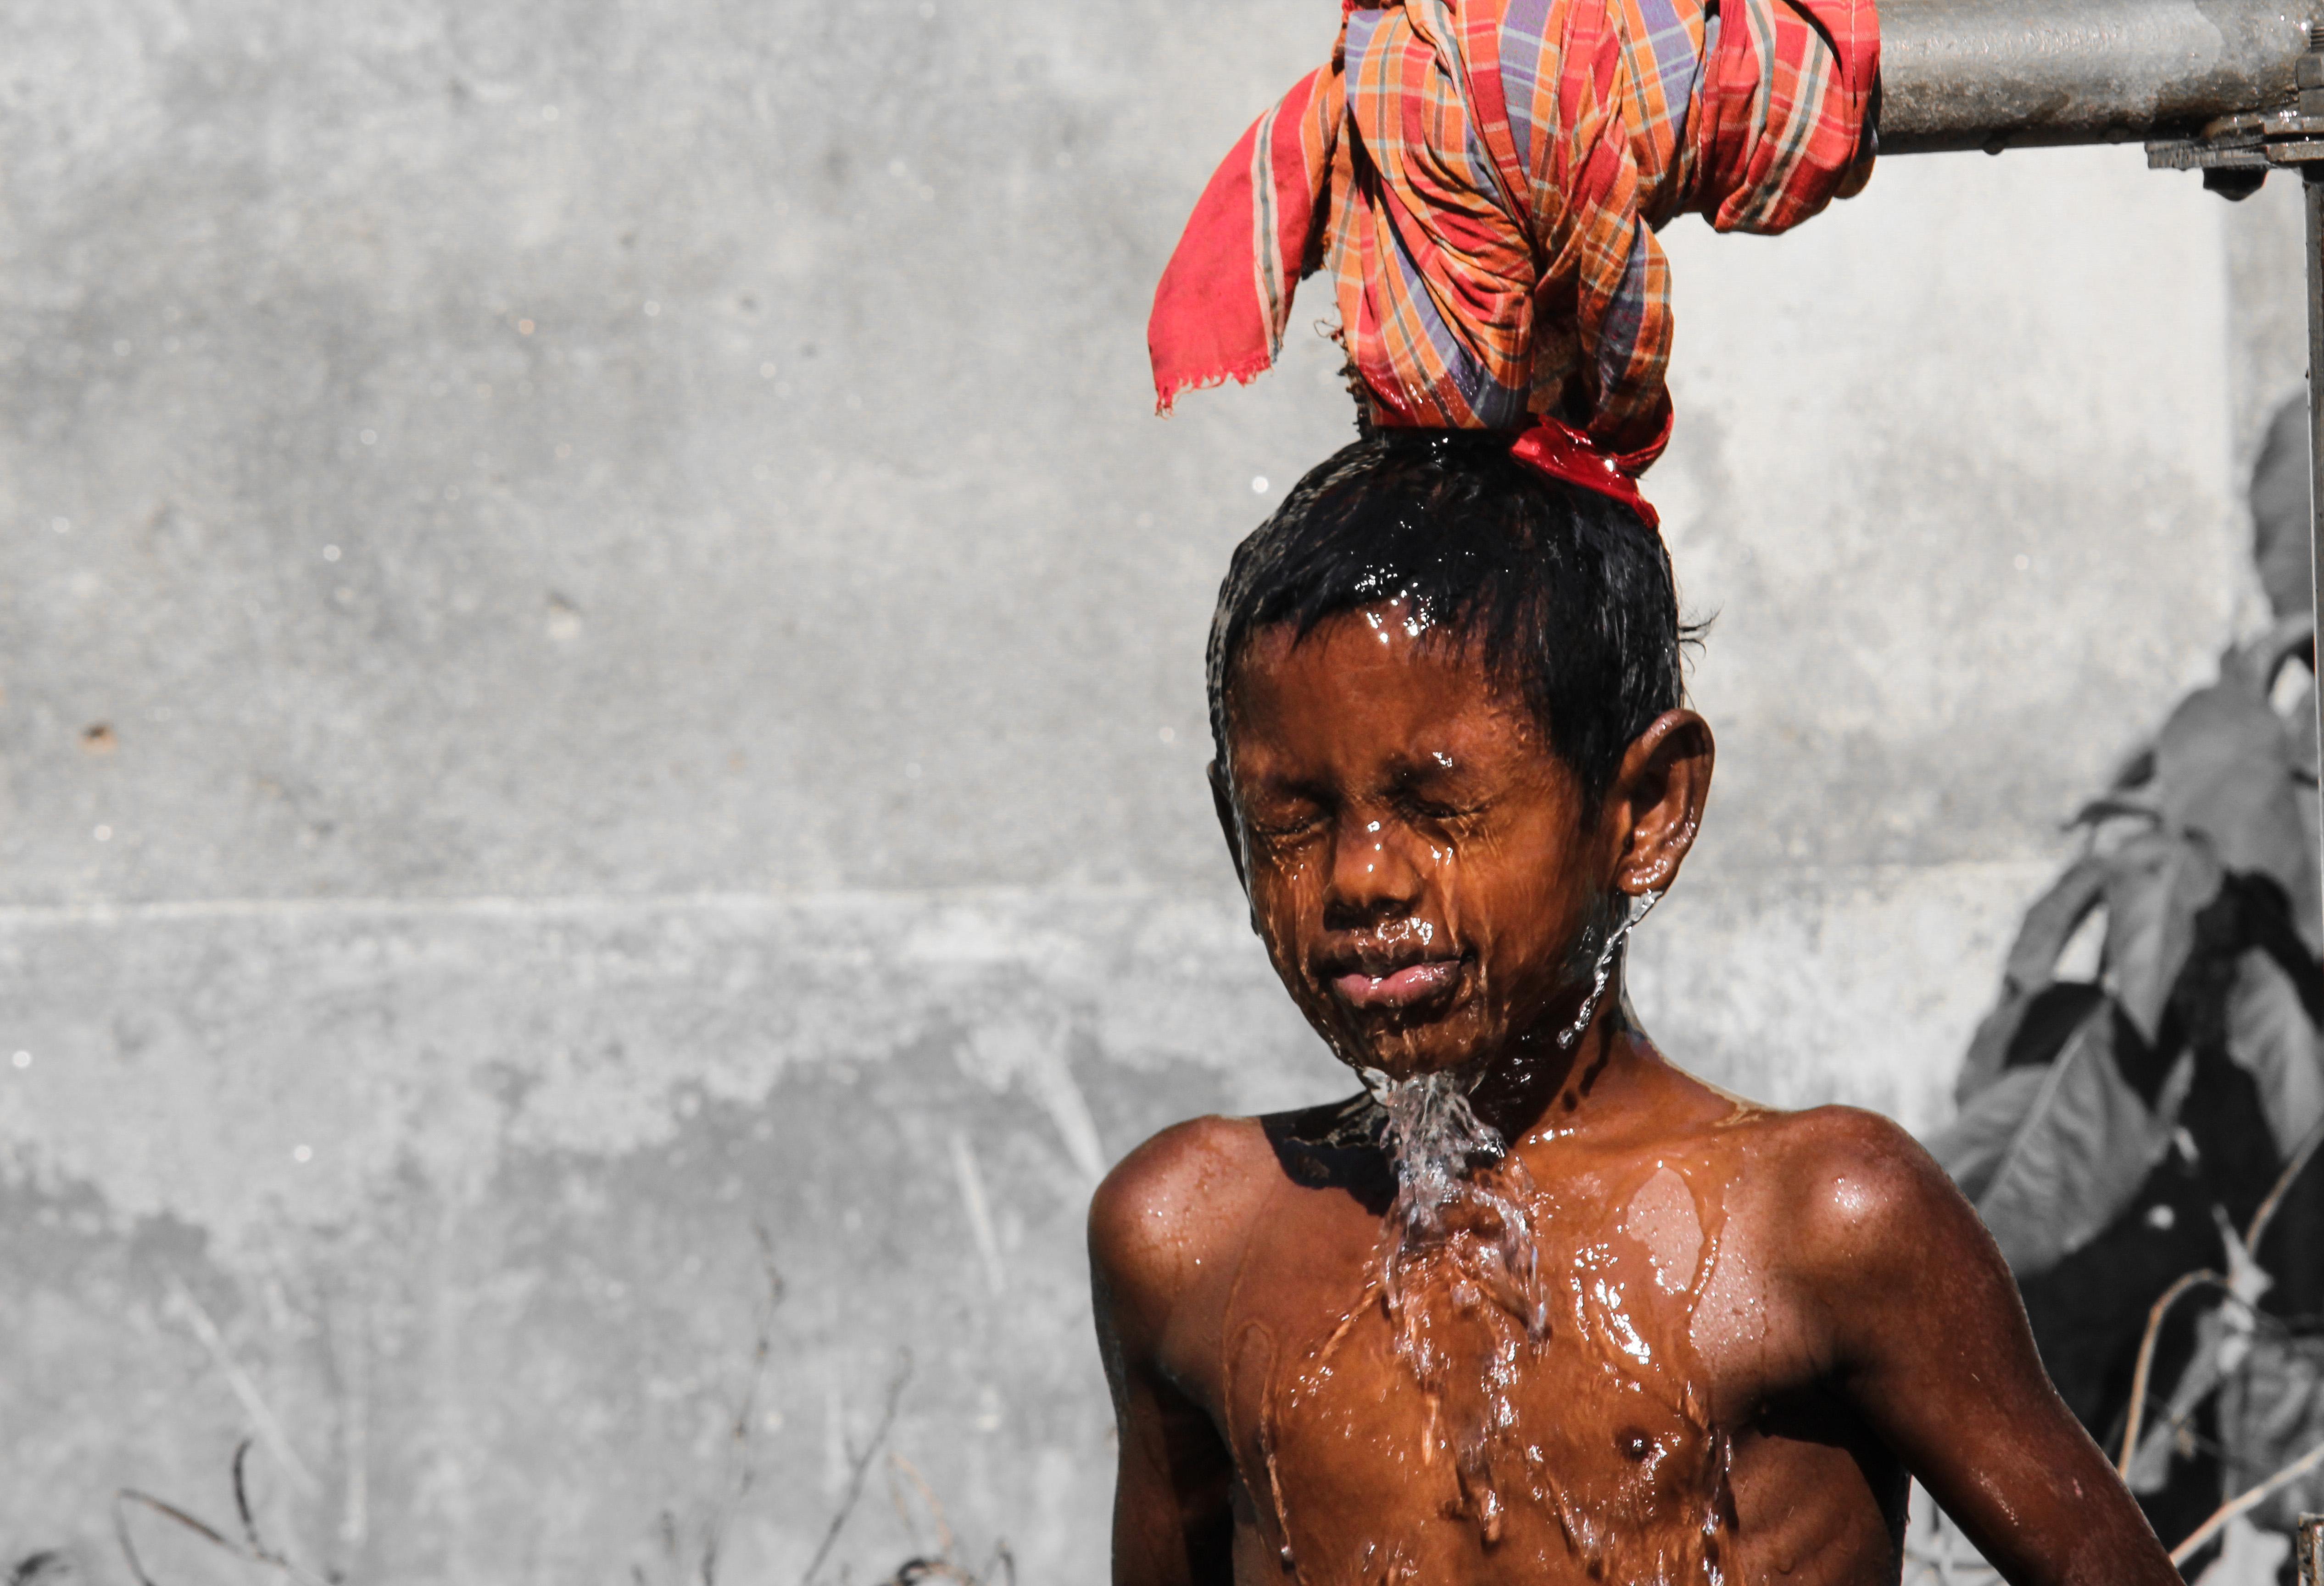 冷たい水のシャワーで体温は下がりきらない!やはり氷風呂がベスト